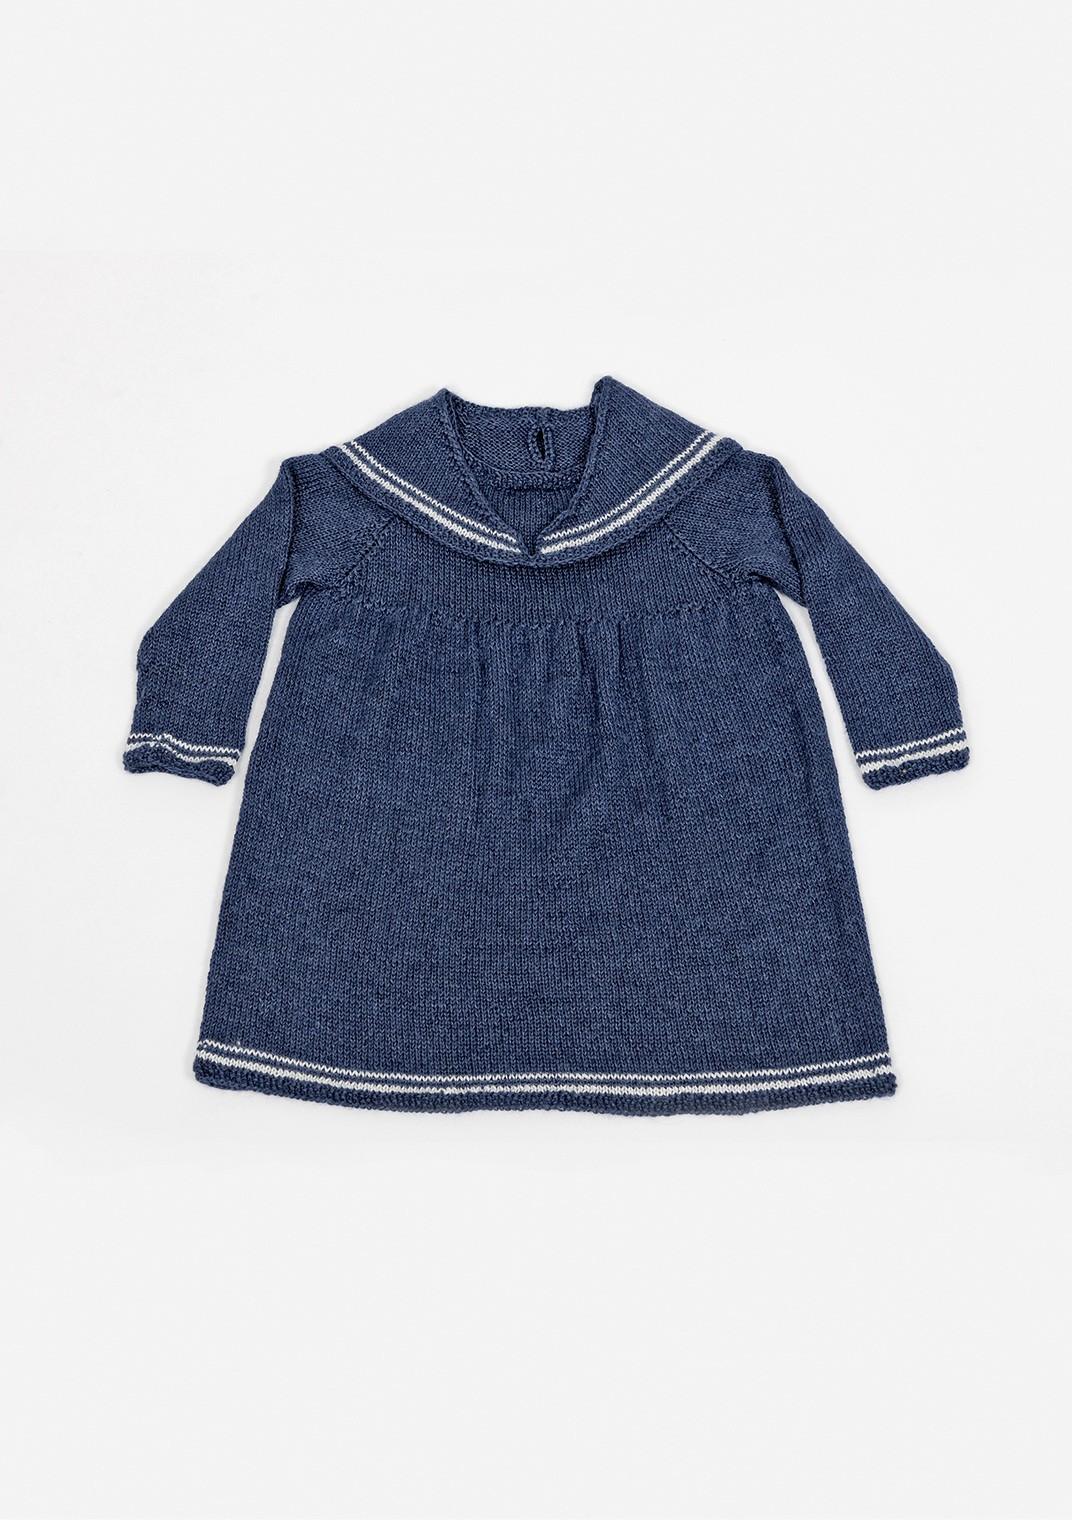 Платье в морском стиле для девочки спицами